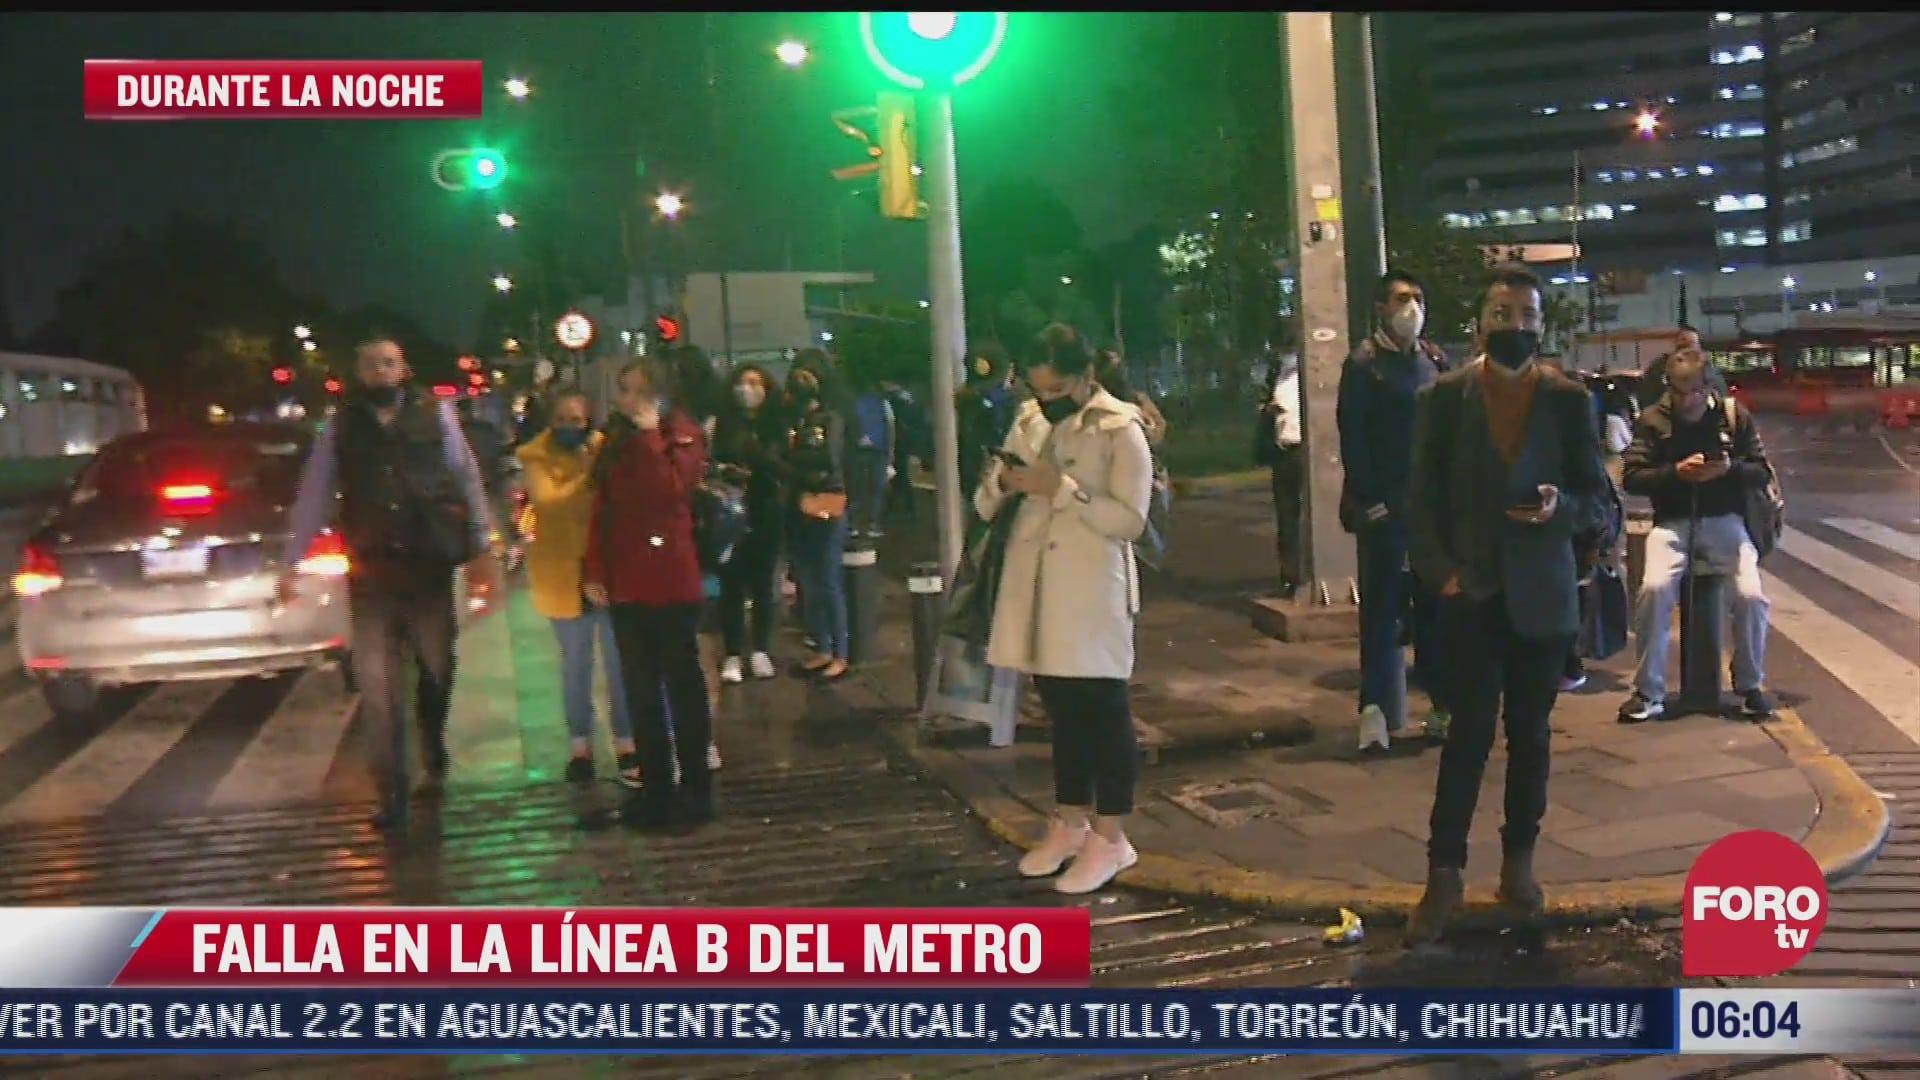 miles de usuarios de la linea b del metro se vieron afectados tras falla